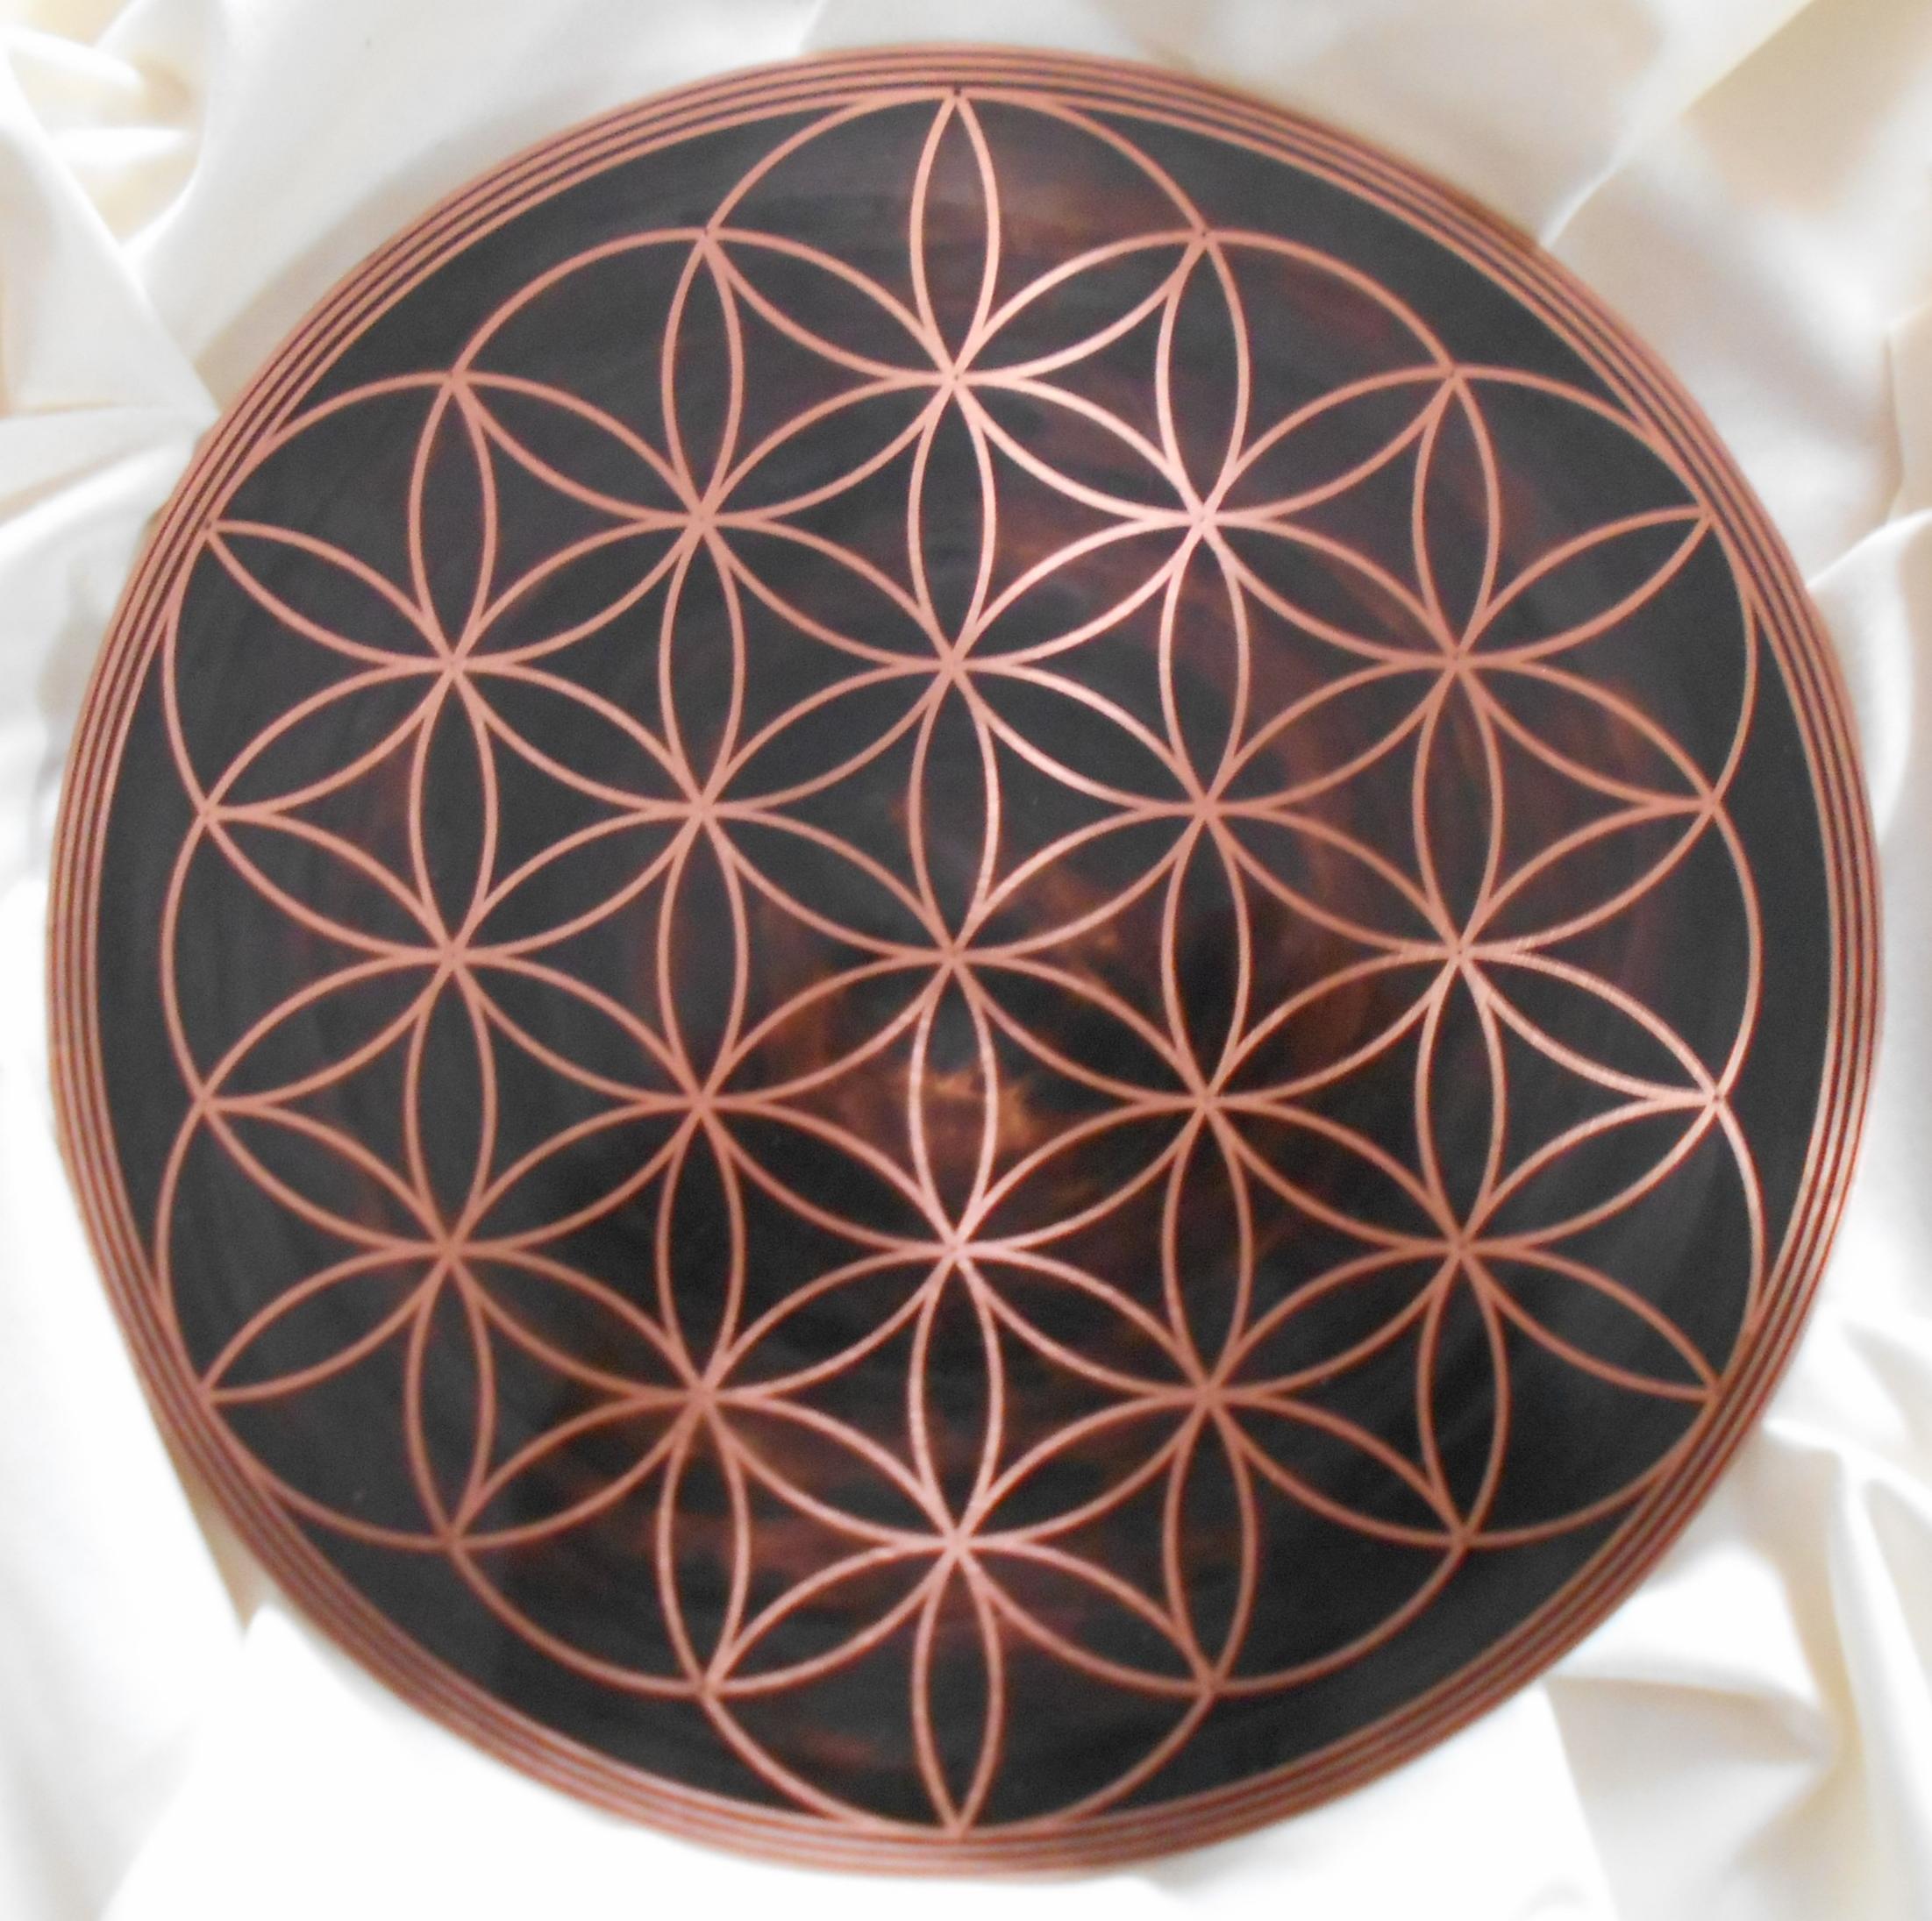 Fleur de vie en cuivre, création artisanale, fleur de vie faite main